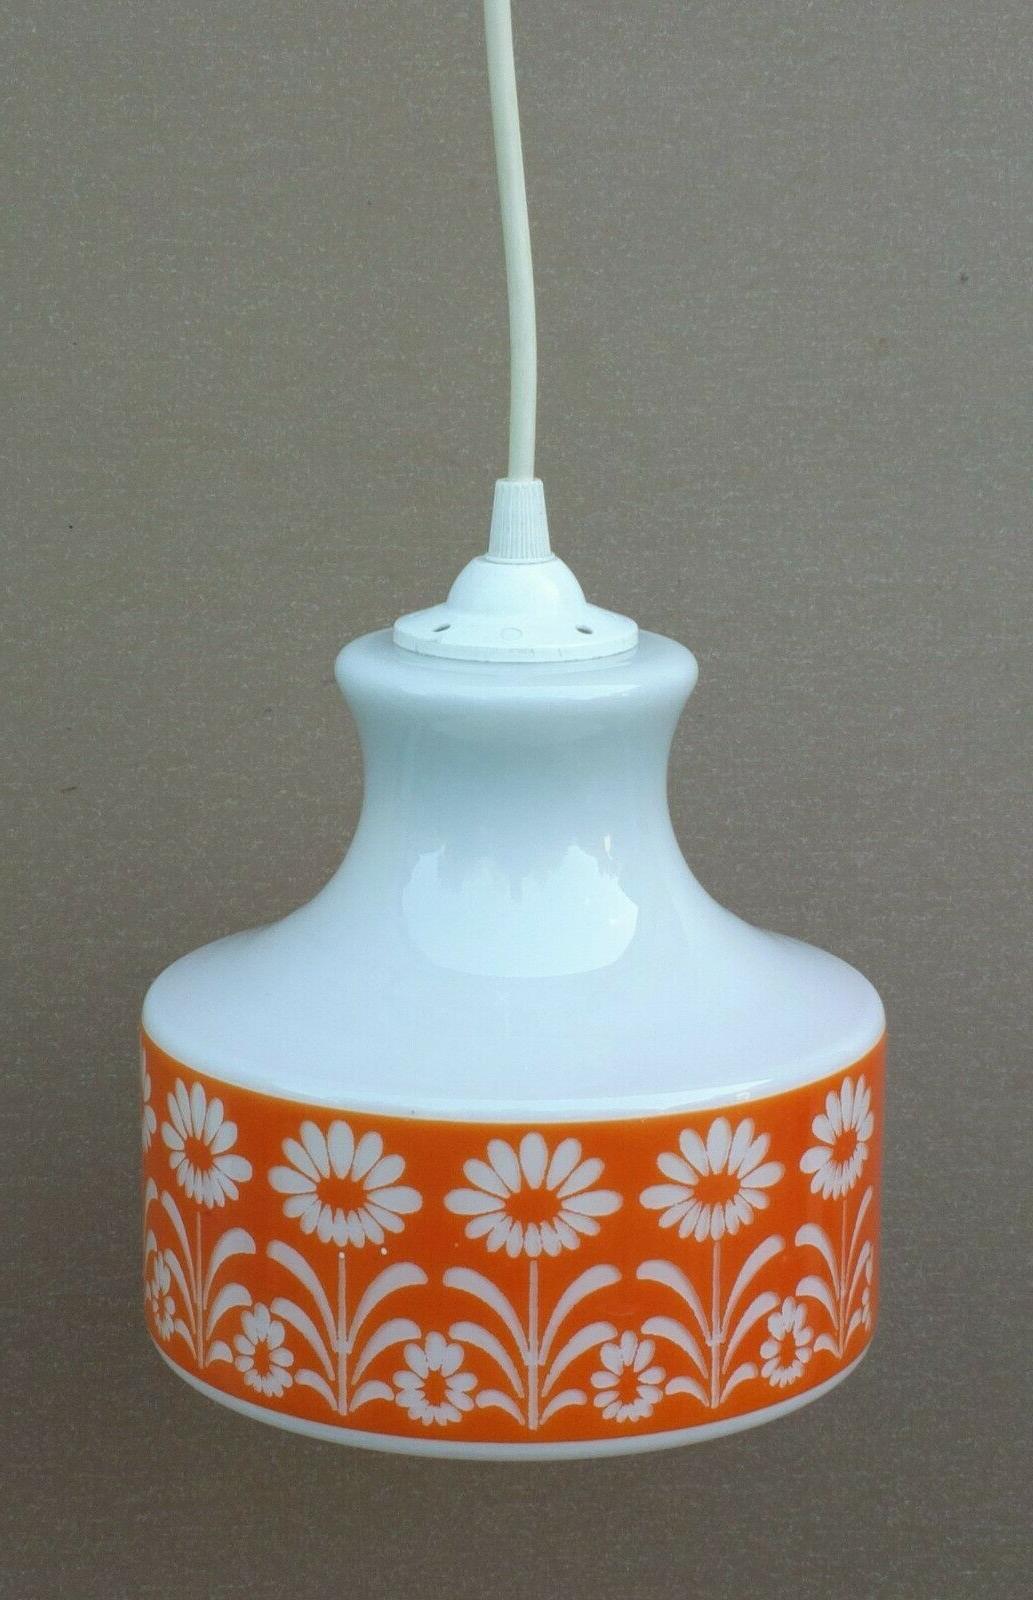 suspension fleurs orange and blanche vintage plafonnier